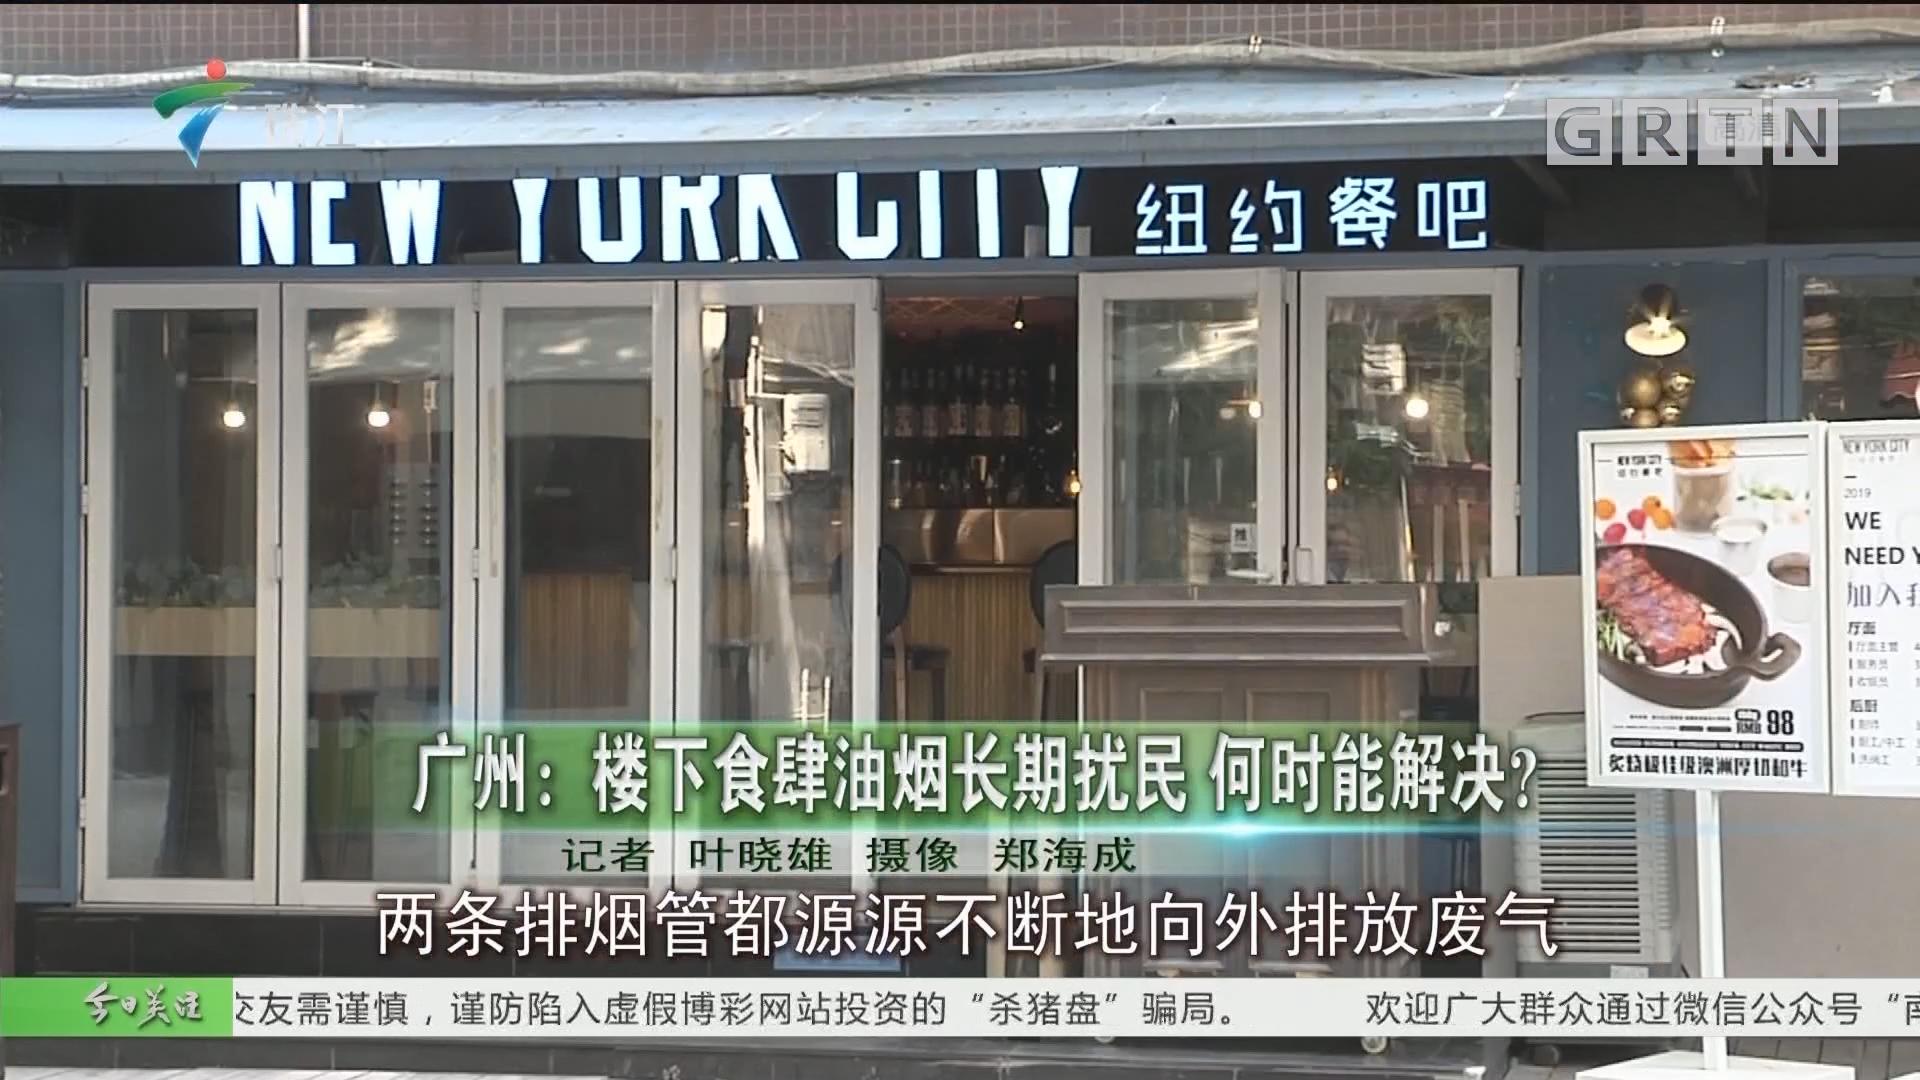 廣州:樓下食肆油煙長期擾民 何時能解決?